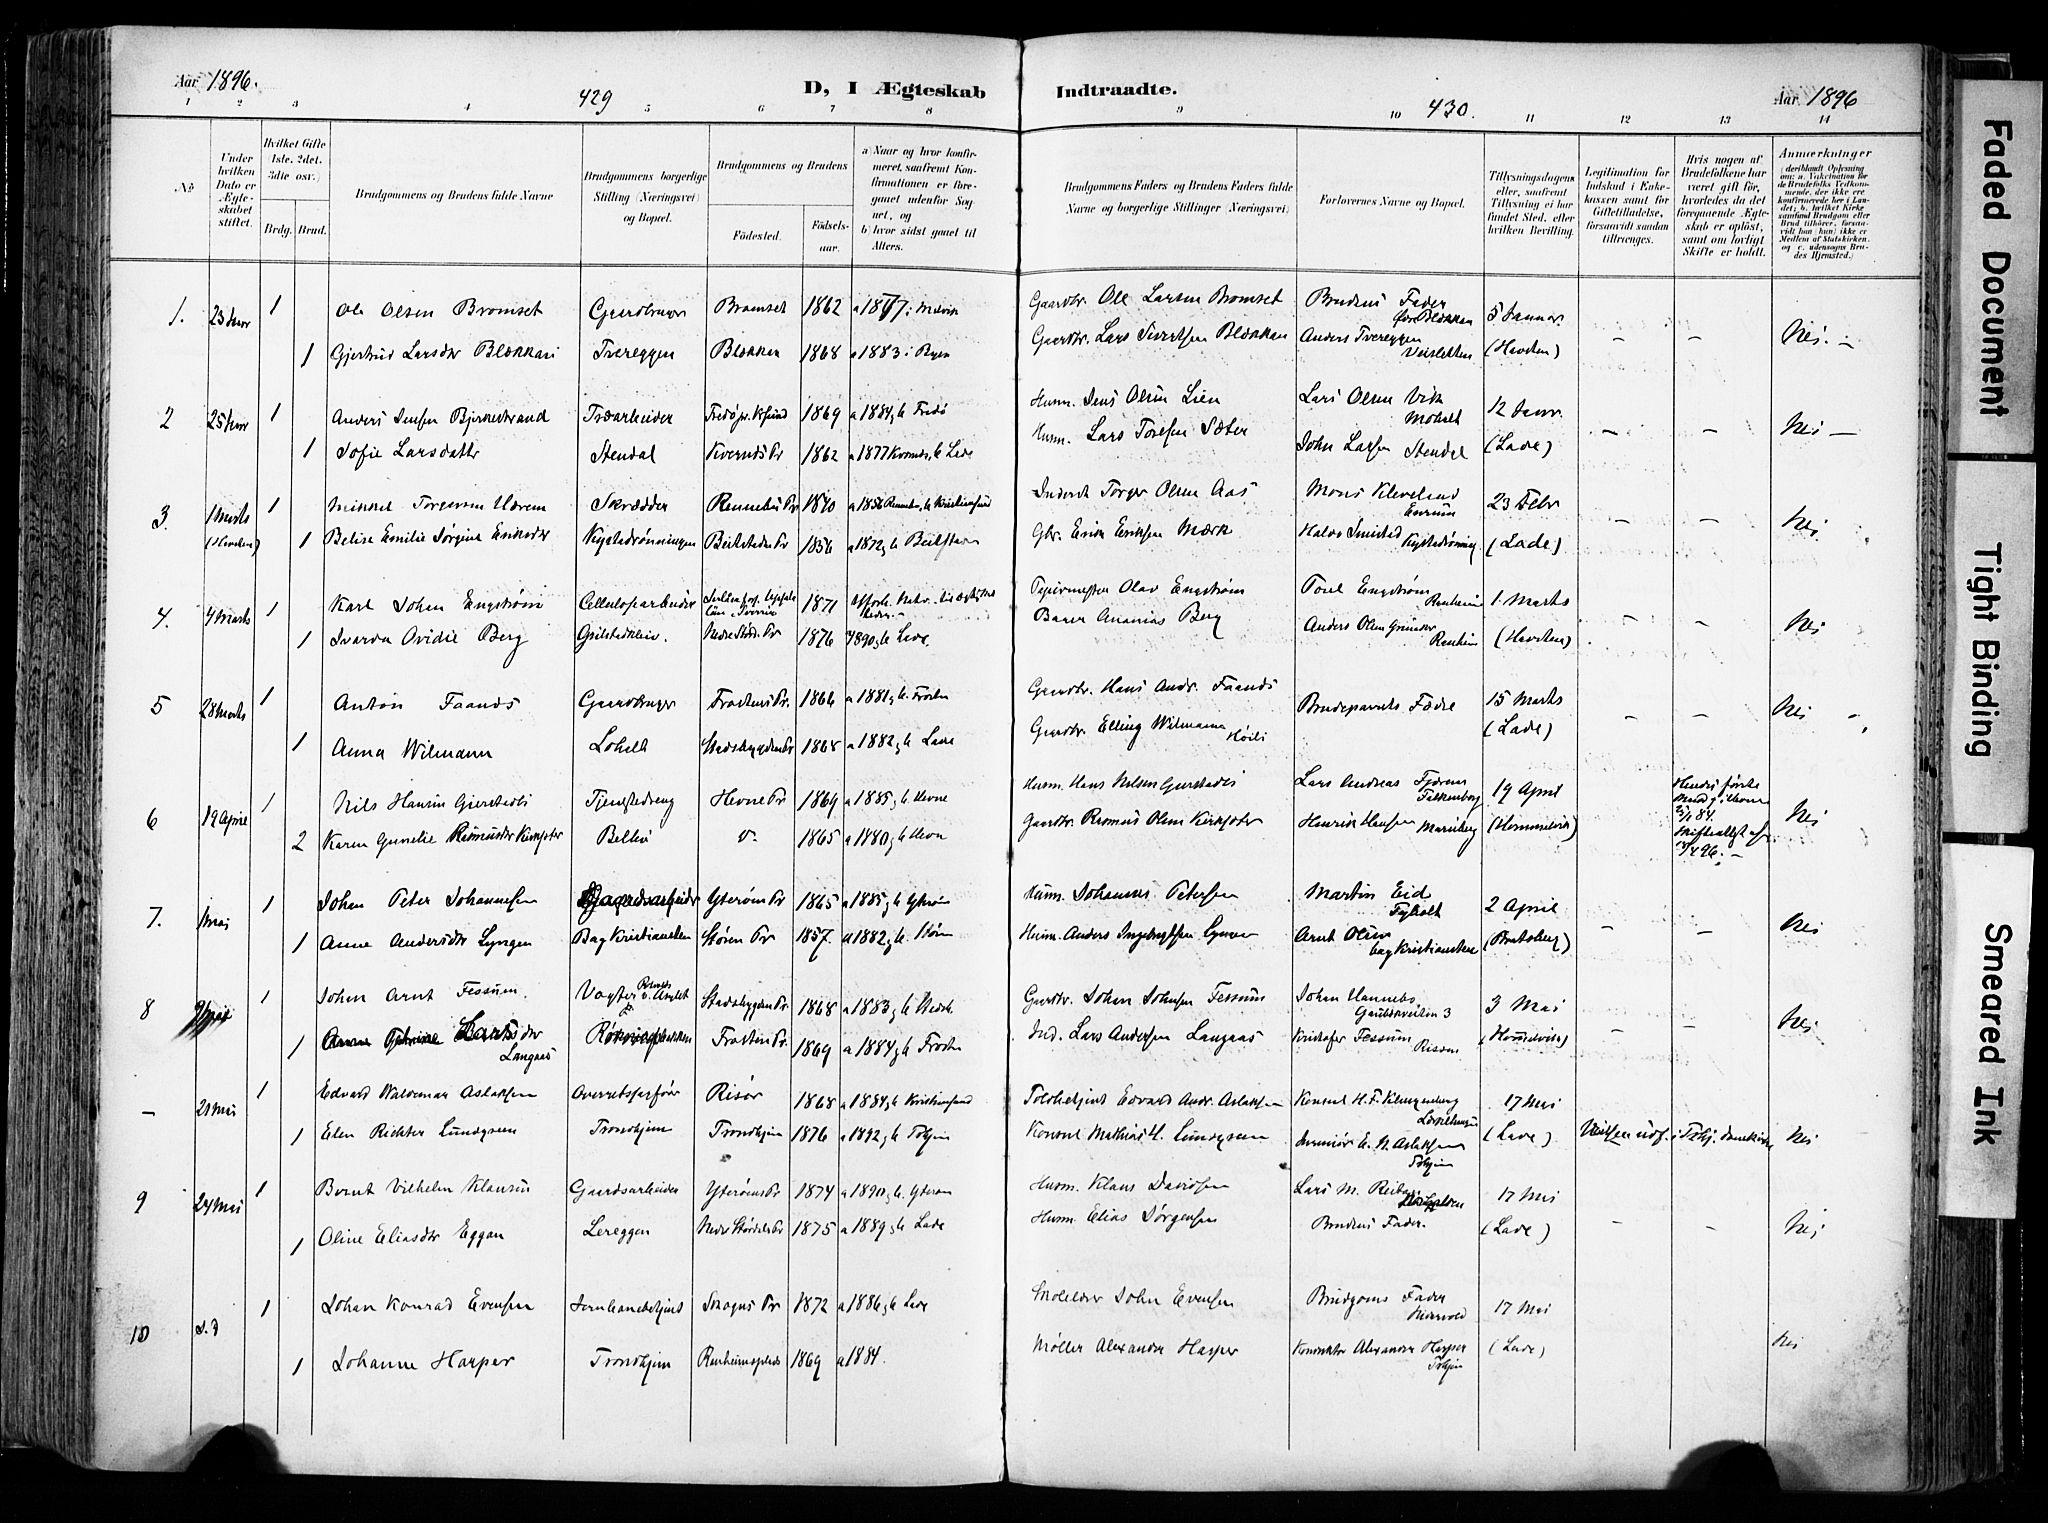 SAT, Ministerialprotokoller, klokkerbøker og fødselsregistre - Sør-Trøndelag, 606/L0301: Ministerialbok nr. 606A16, 1894-1907, s. 429-430